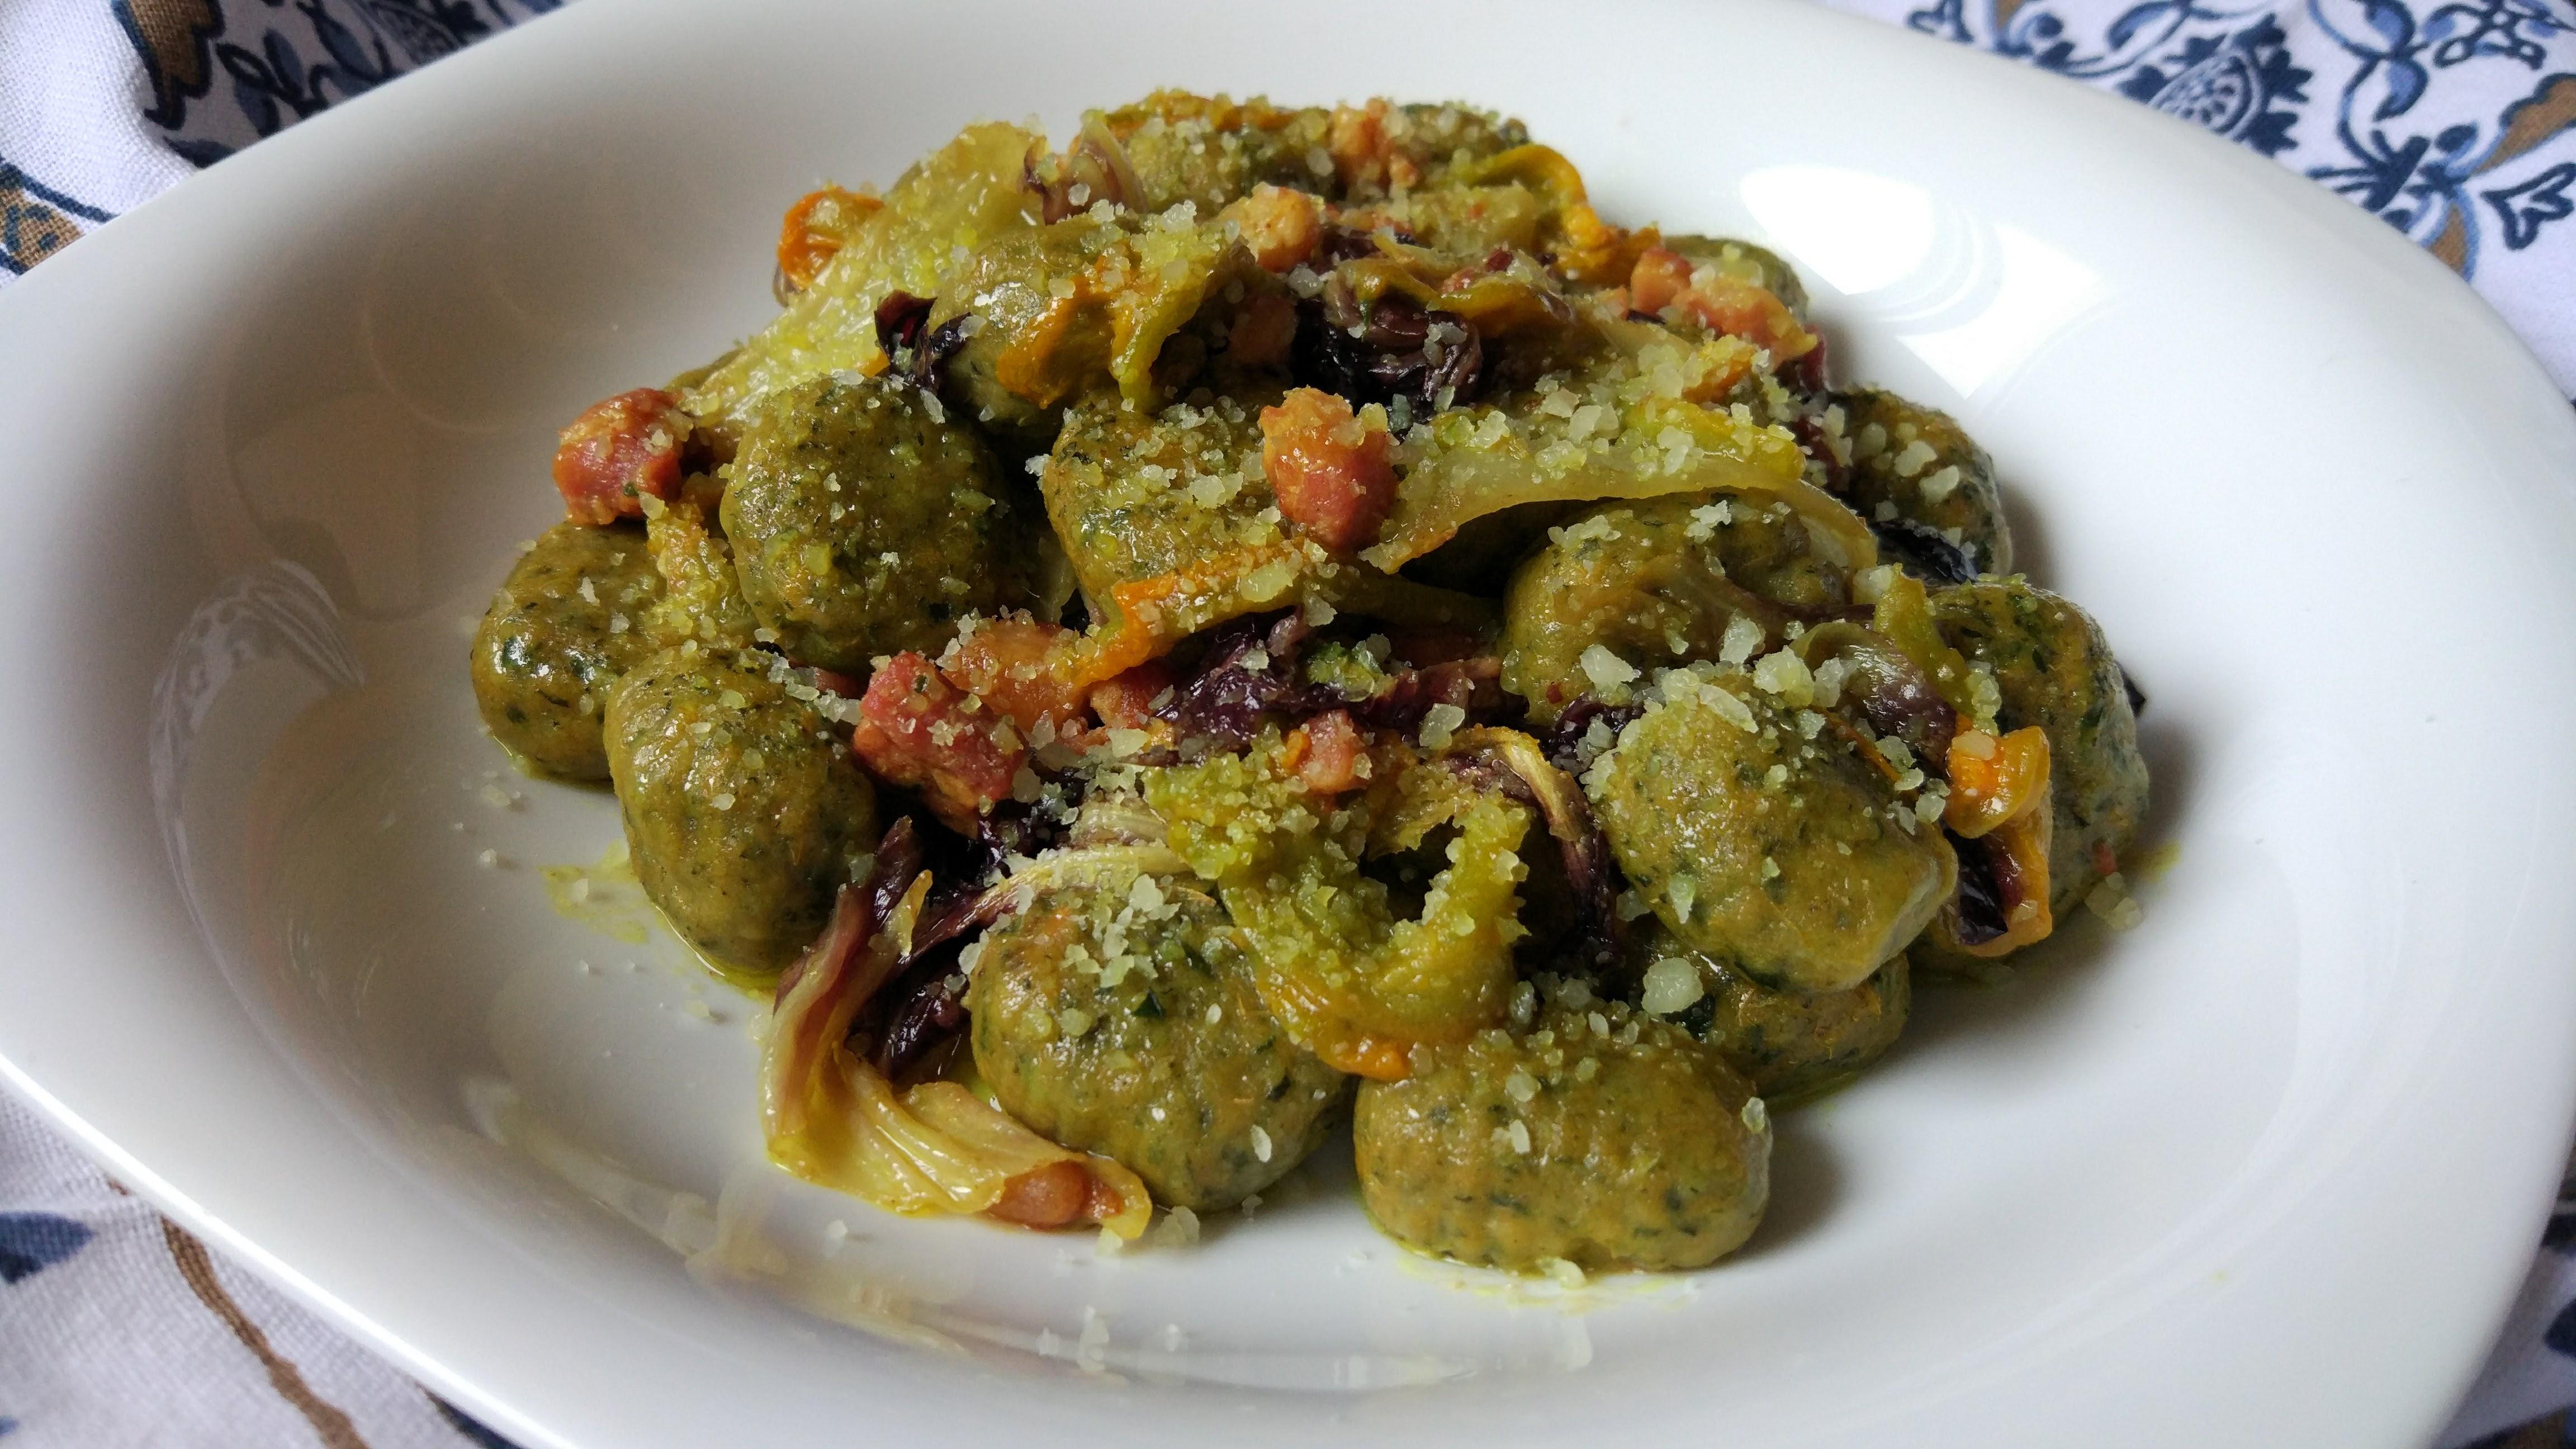 Gnocchi di patate dolci e bietole al radicchio e pancetta croccante